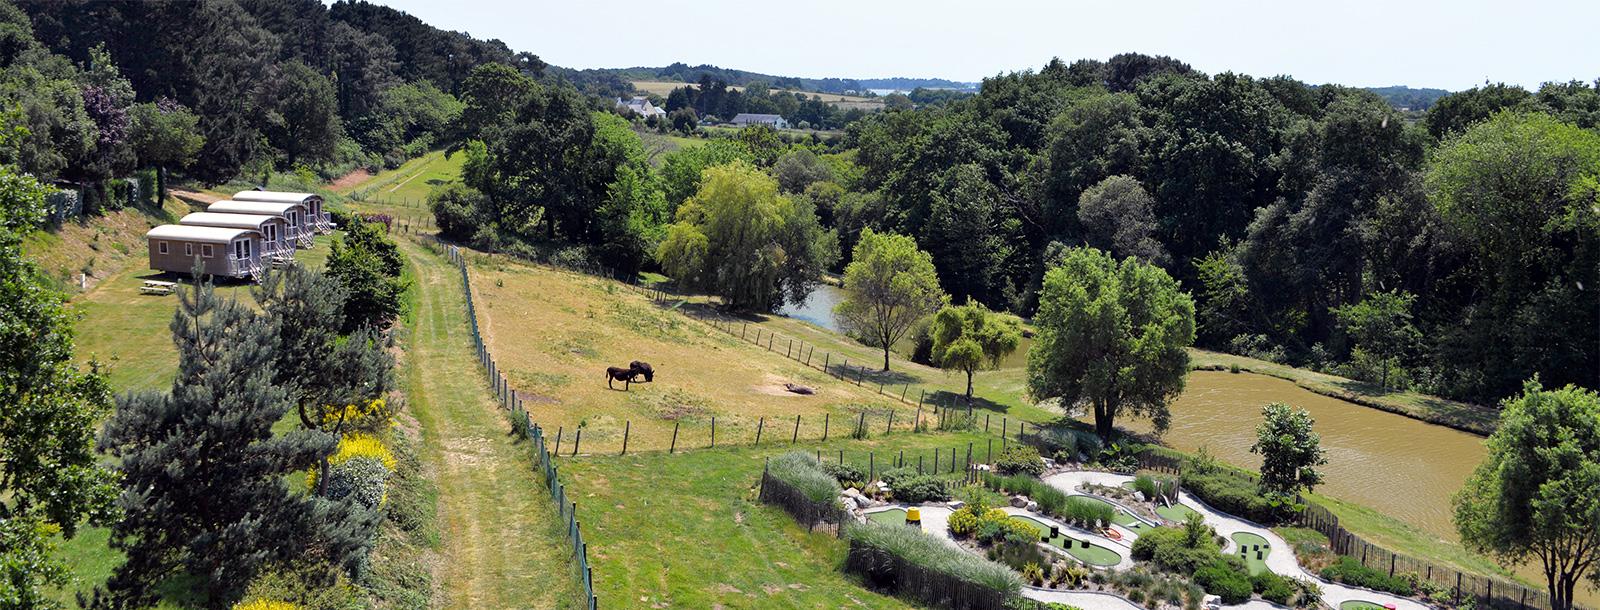 im naturnahen Park auf 20 Hektar